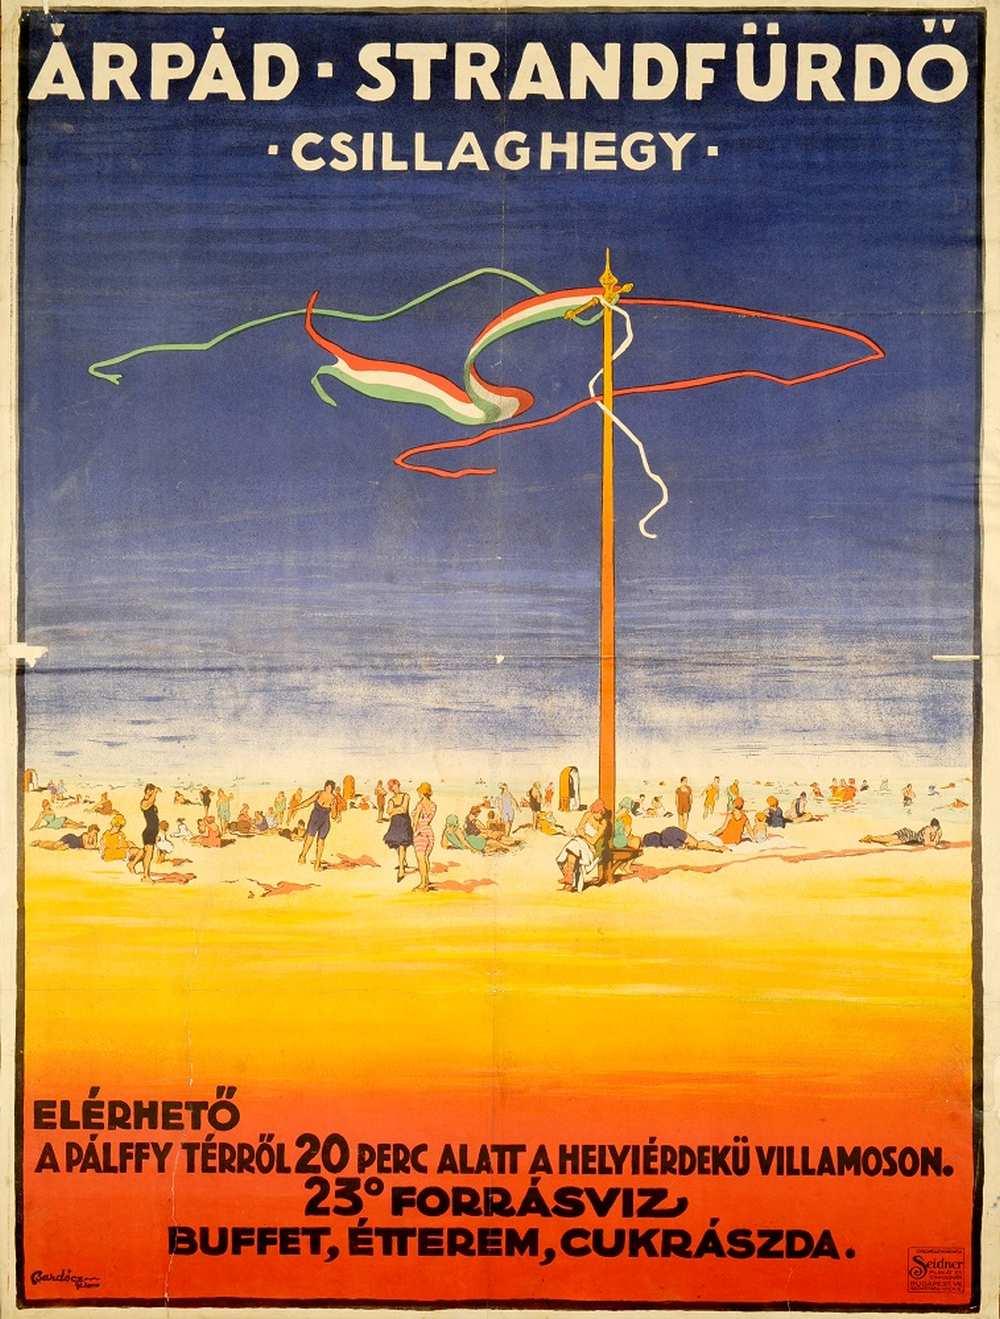 Bardócz Árpád: Árpád strandfürdő Csillaghegy (1921) – Térkép-, Plakát- és Kisnyomtatványtár. Jelzet: PKG.1921/13 http://nektar.oszk.hu/hu/manifestation/2776670